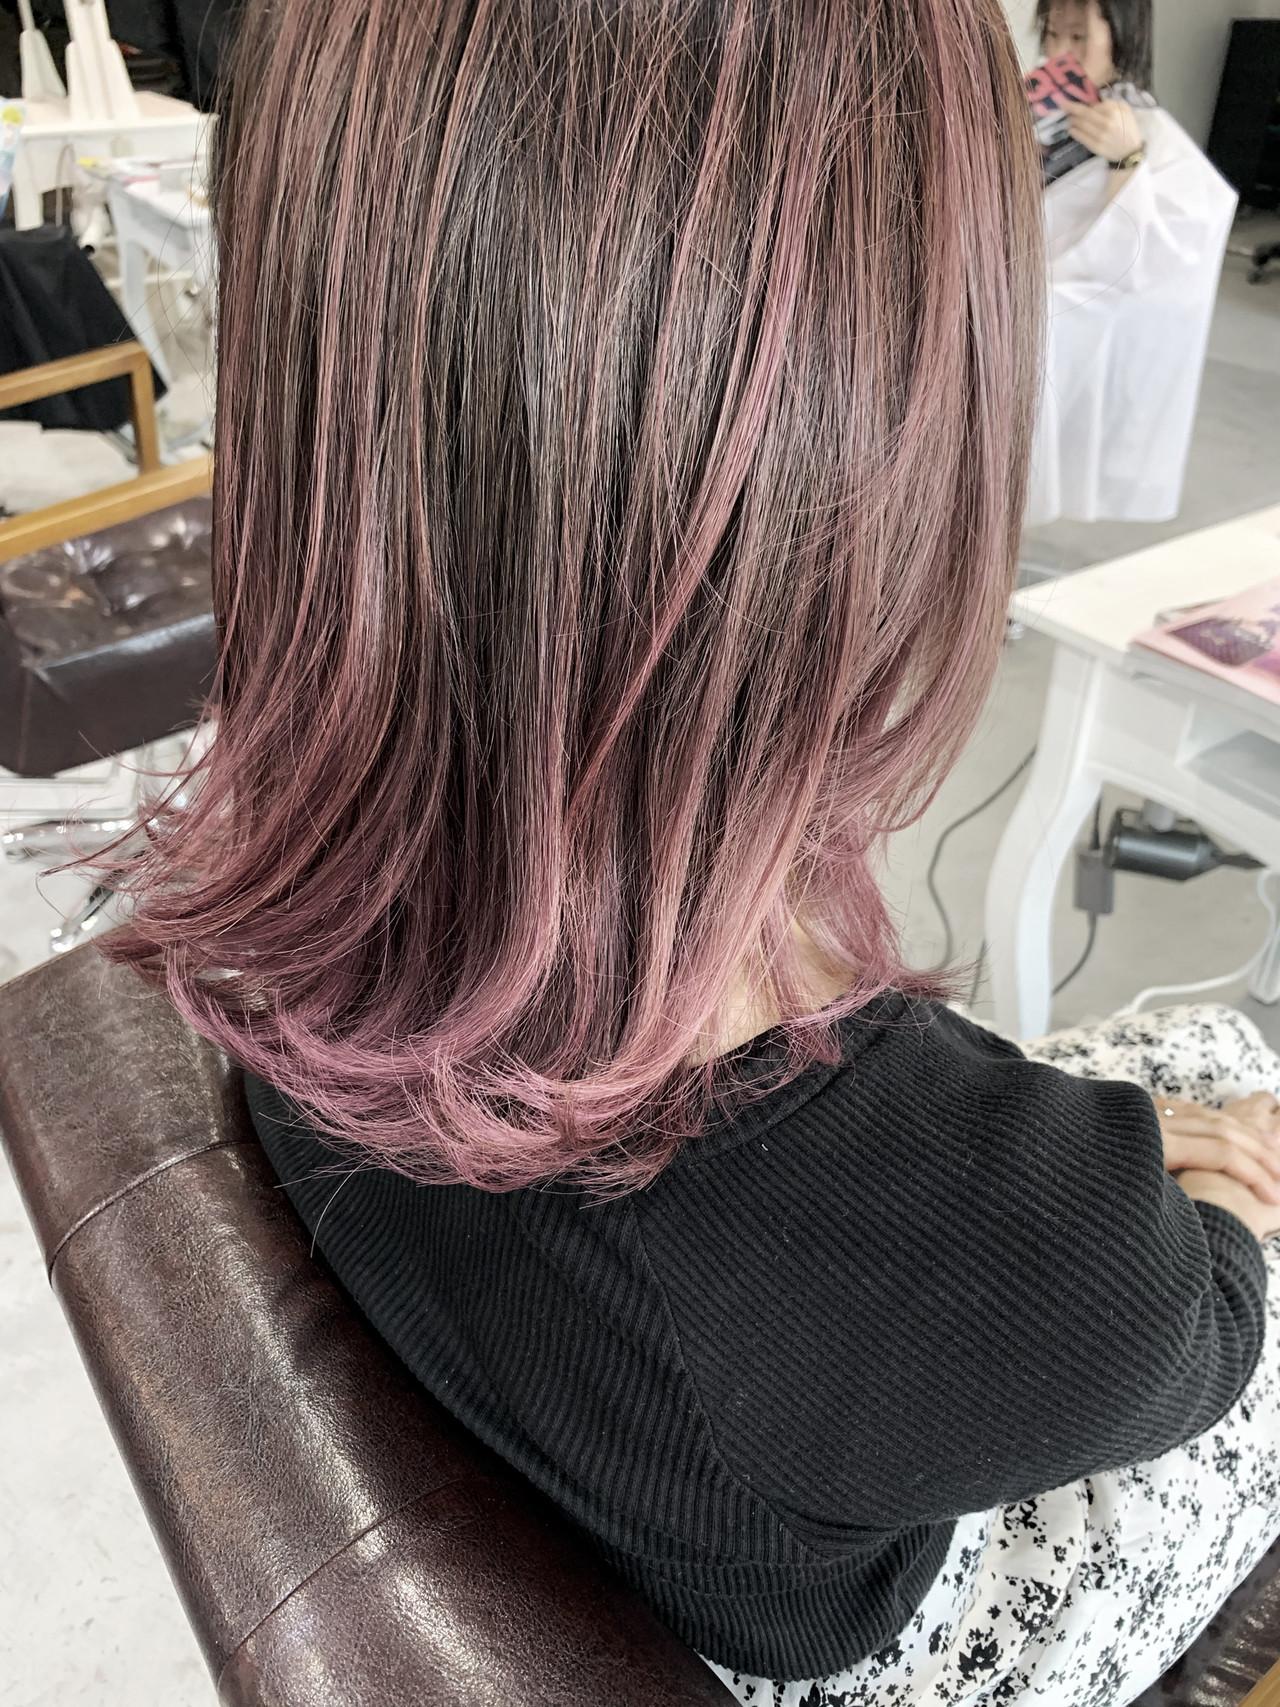 ナチュラル 大人ハイライト ピンク ピンクベージュ ヘアスタイルや髪型の写真・画像